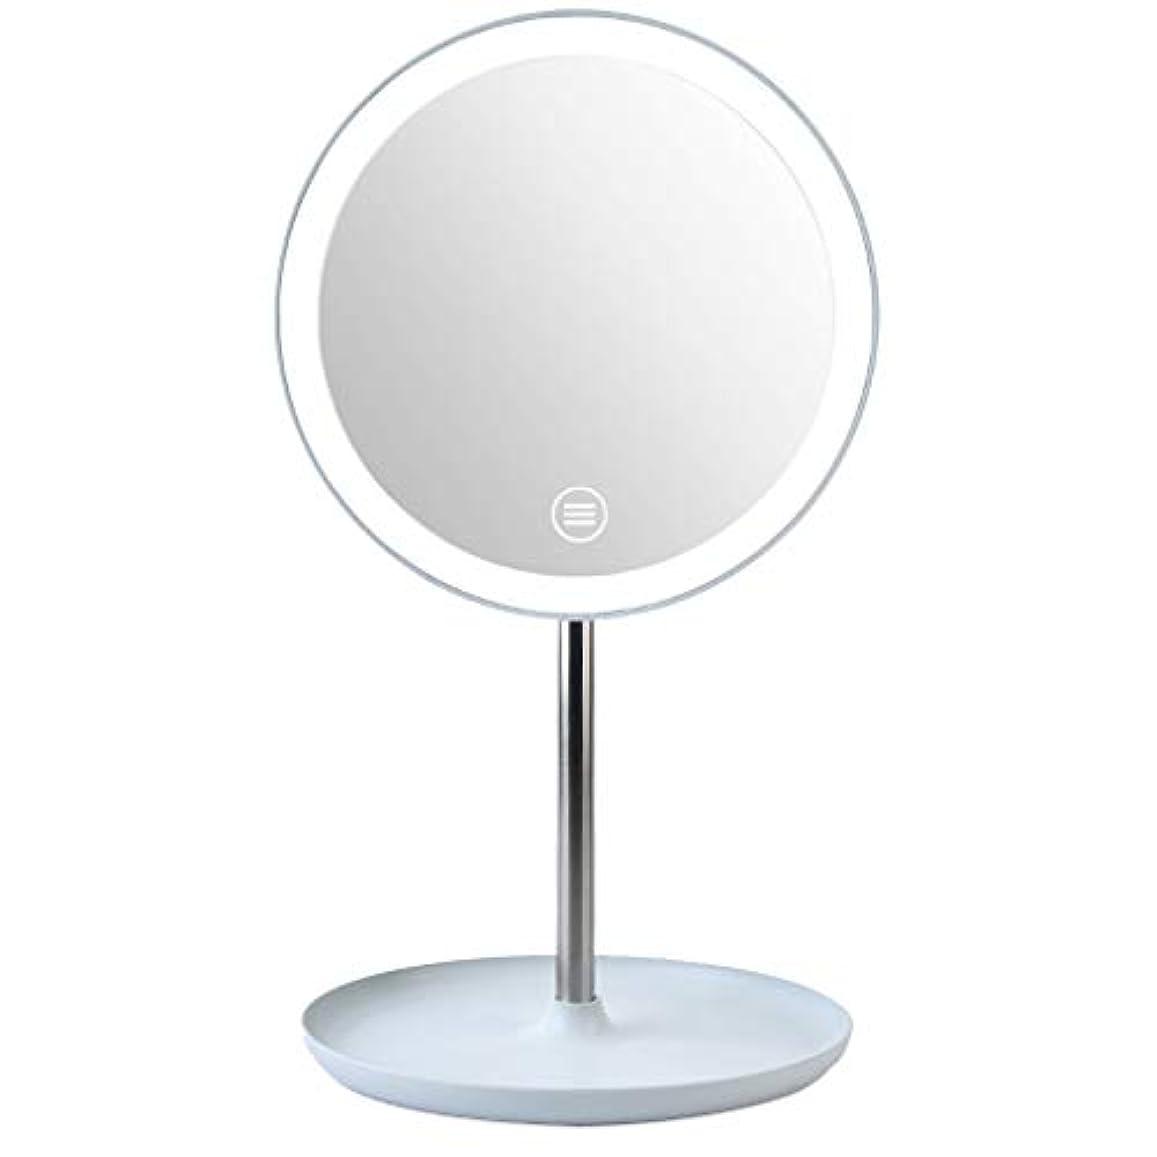 インタラクションちらつき努力するDream 化粧鏡 LED化粧鏡 化粧ミラー LEDライト付き 美容鏡 卓上鏡 浴室鏡 女優ミラー 3段階明るさ調節可能 180度回転 USB/電池給電 防水 円型 (ブルー)